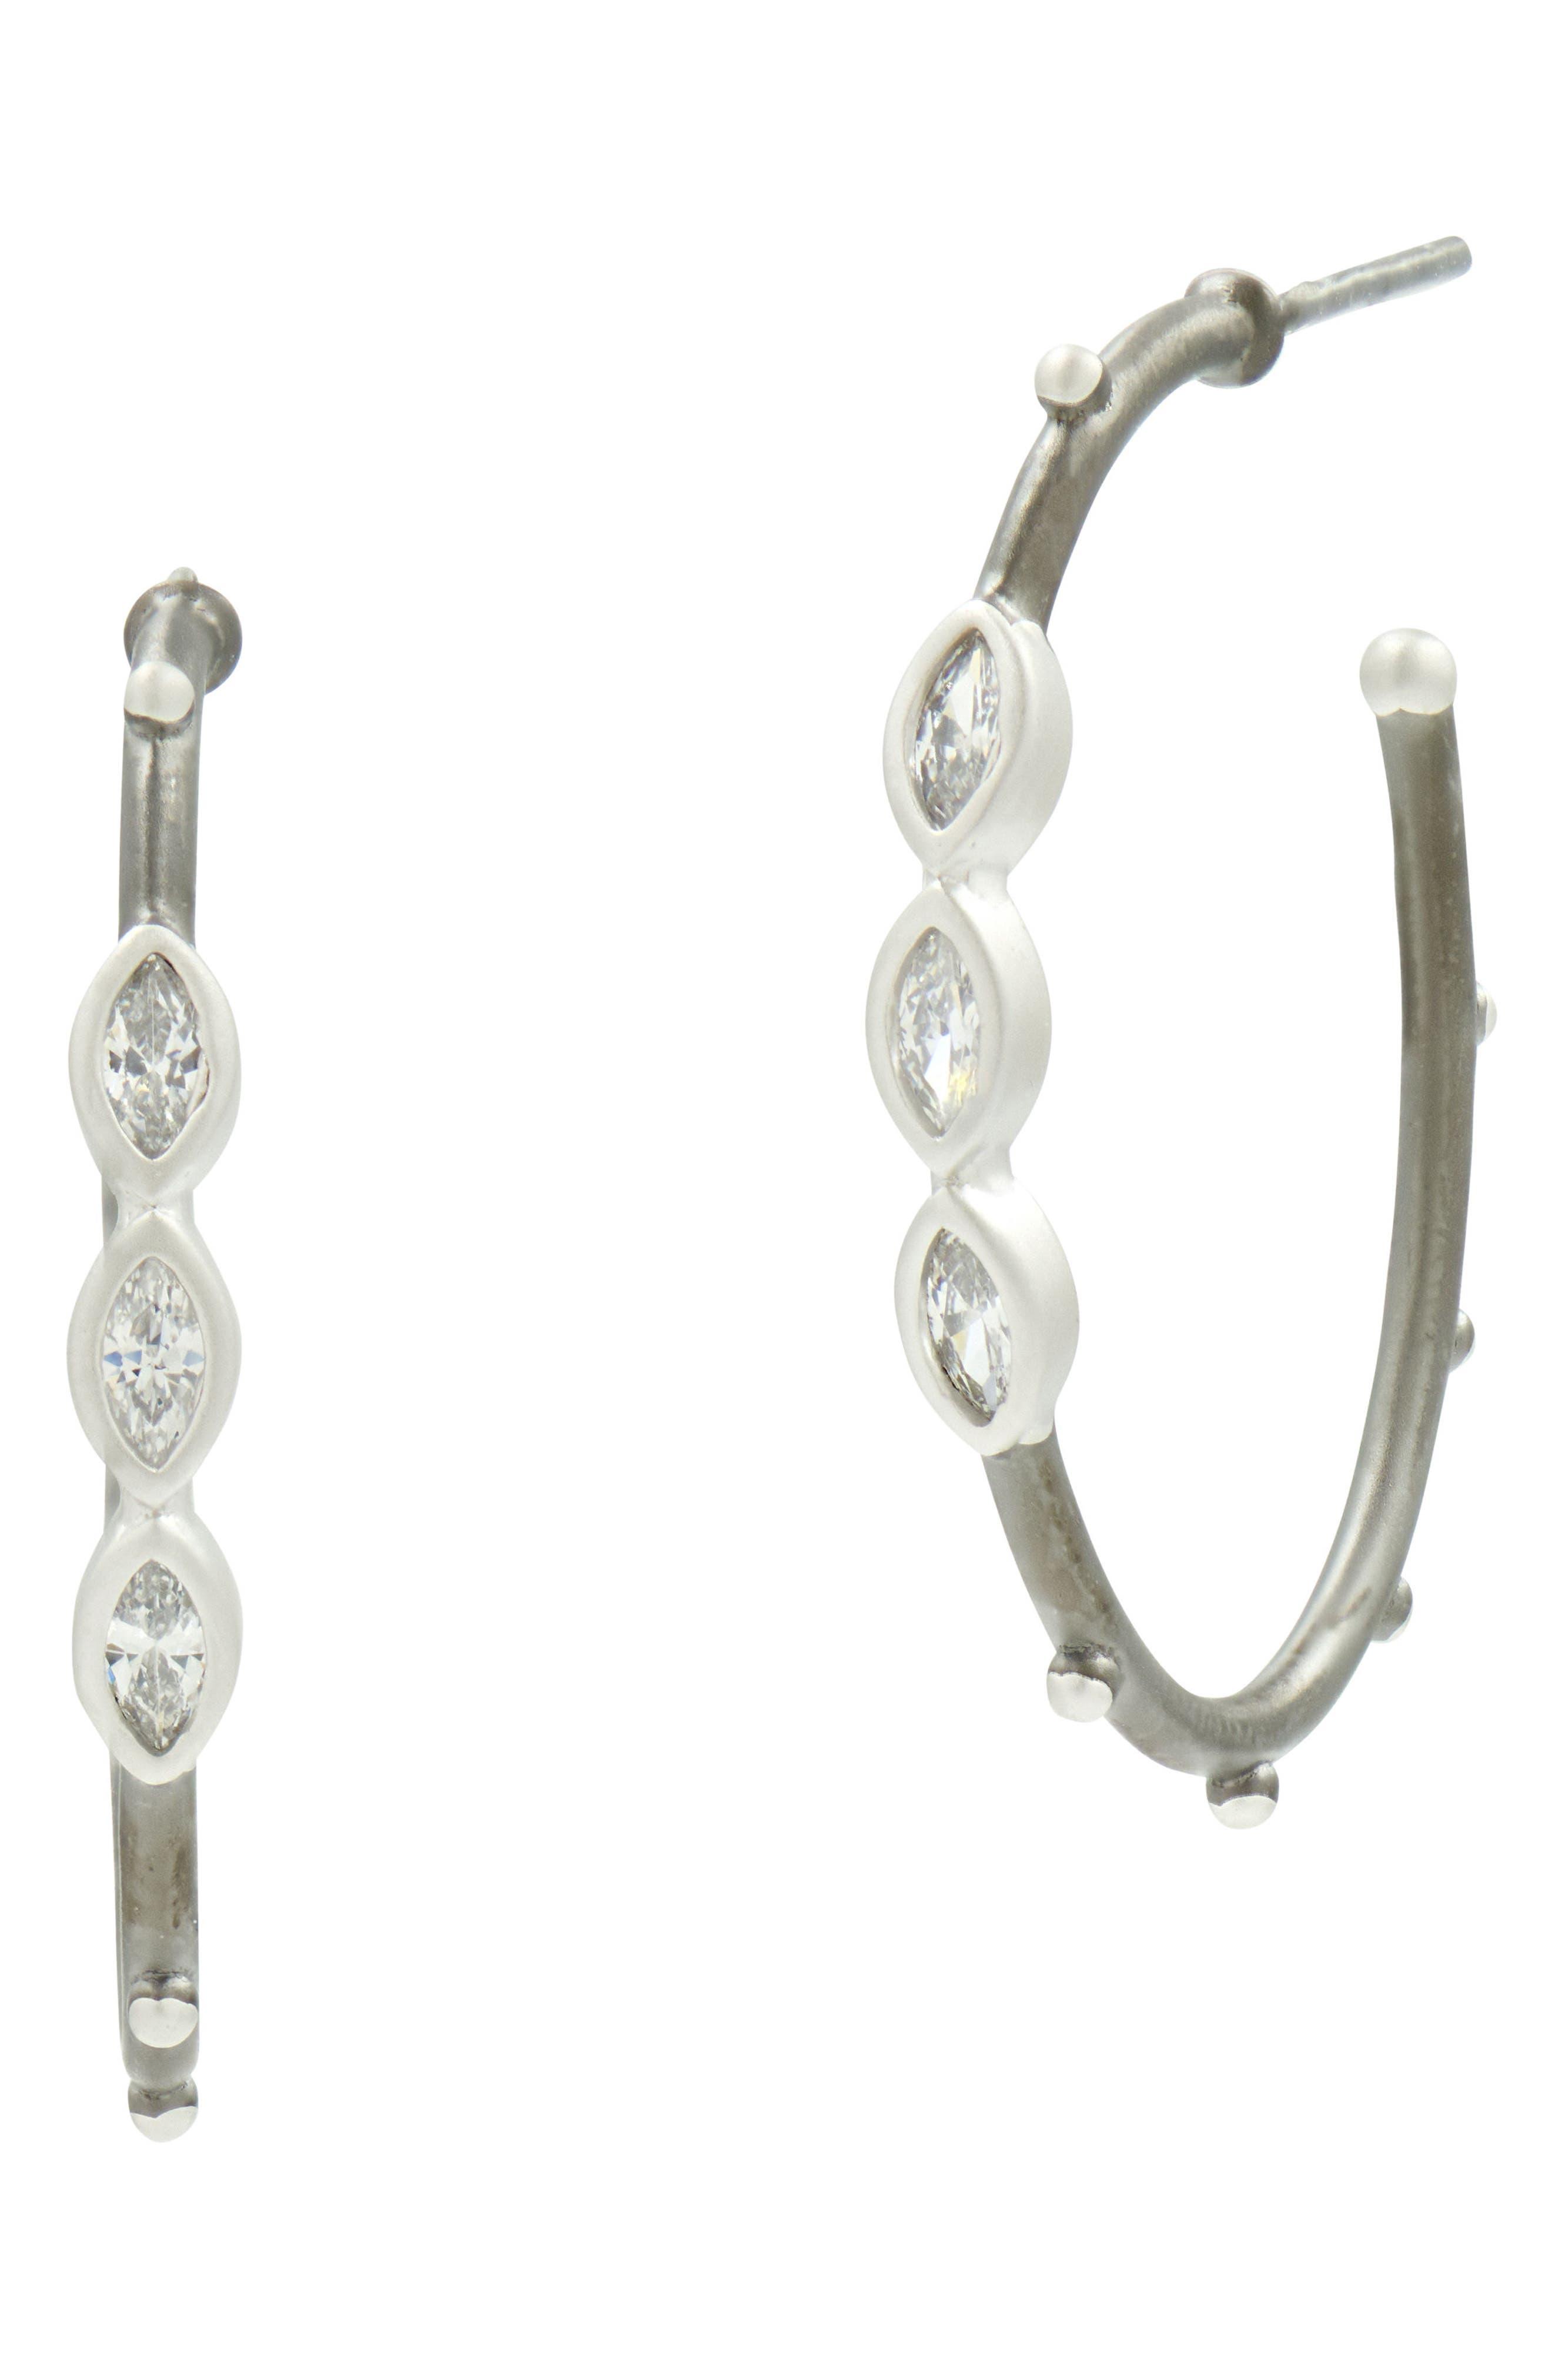 Marquise Hoop Earrings,                         Main,                         color, Silver/ Black Rhodium